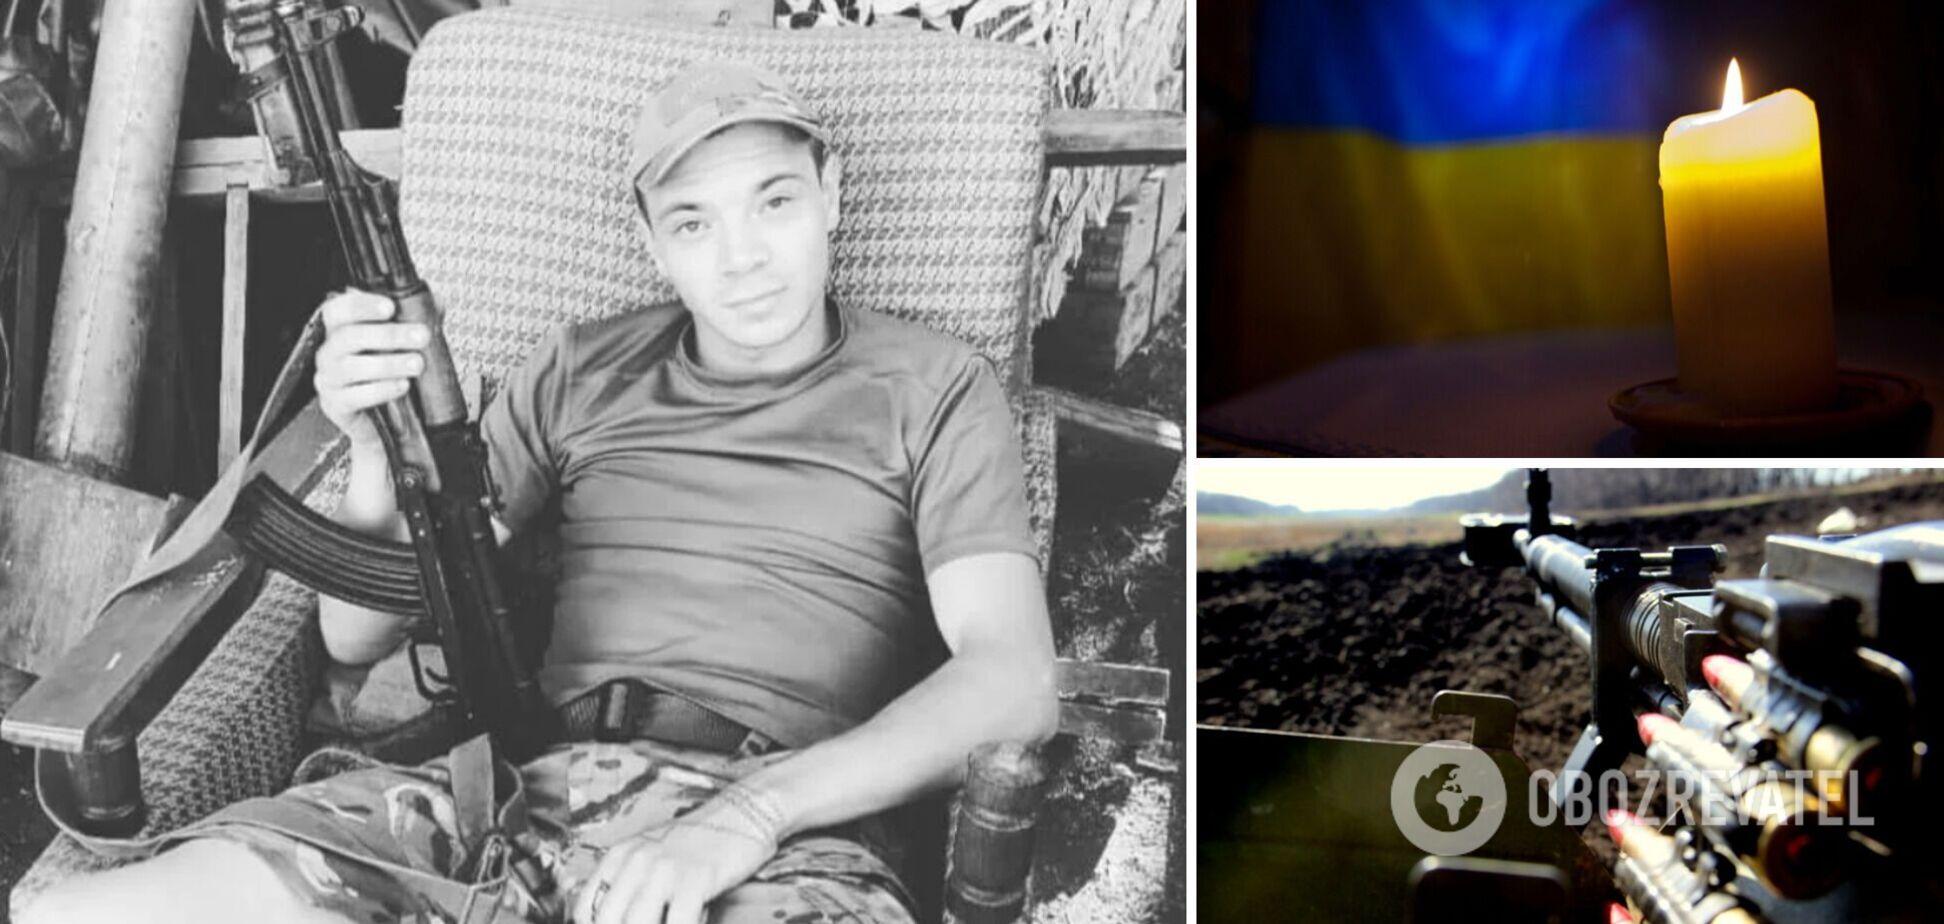 Дем'ян Данилів загинув на Донбасі, йому було всього 24 роки